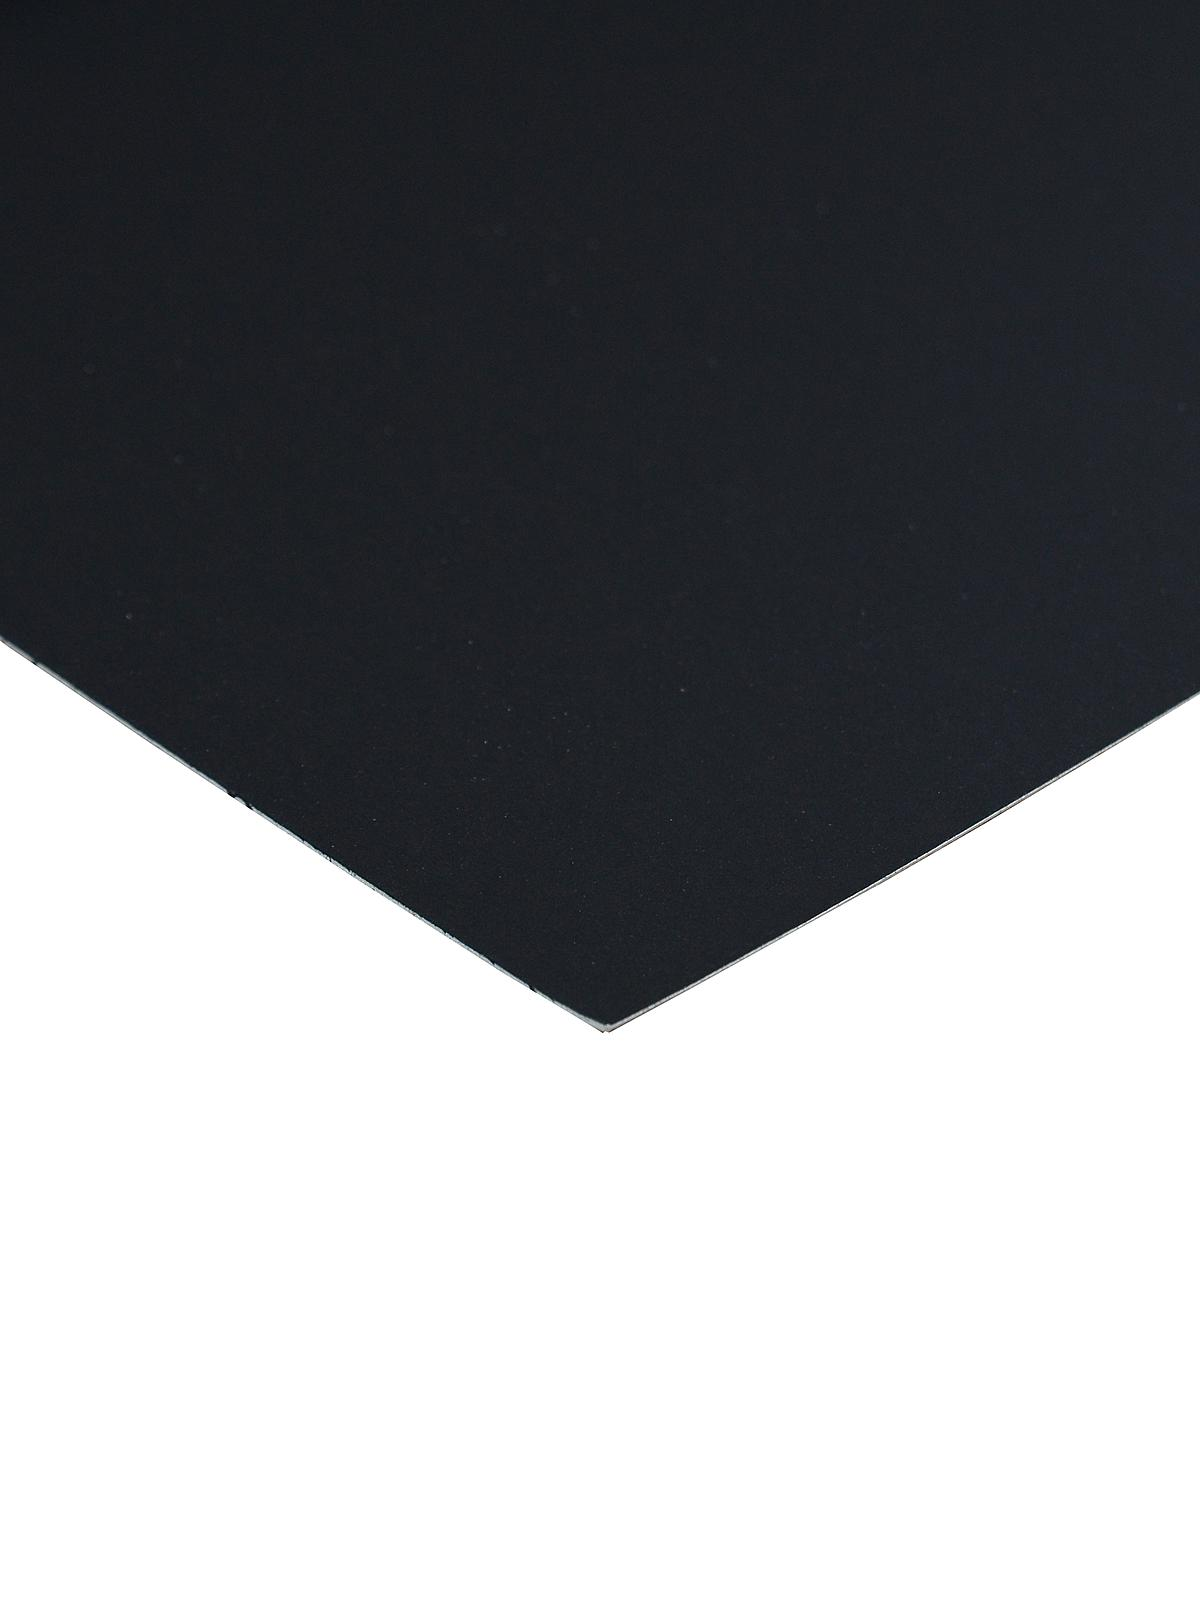 No. 89 Black Mat Board